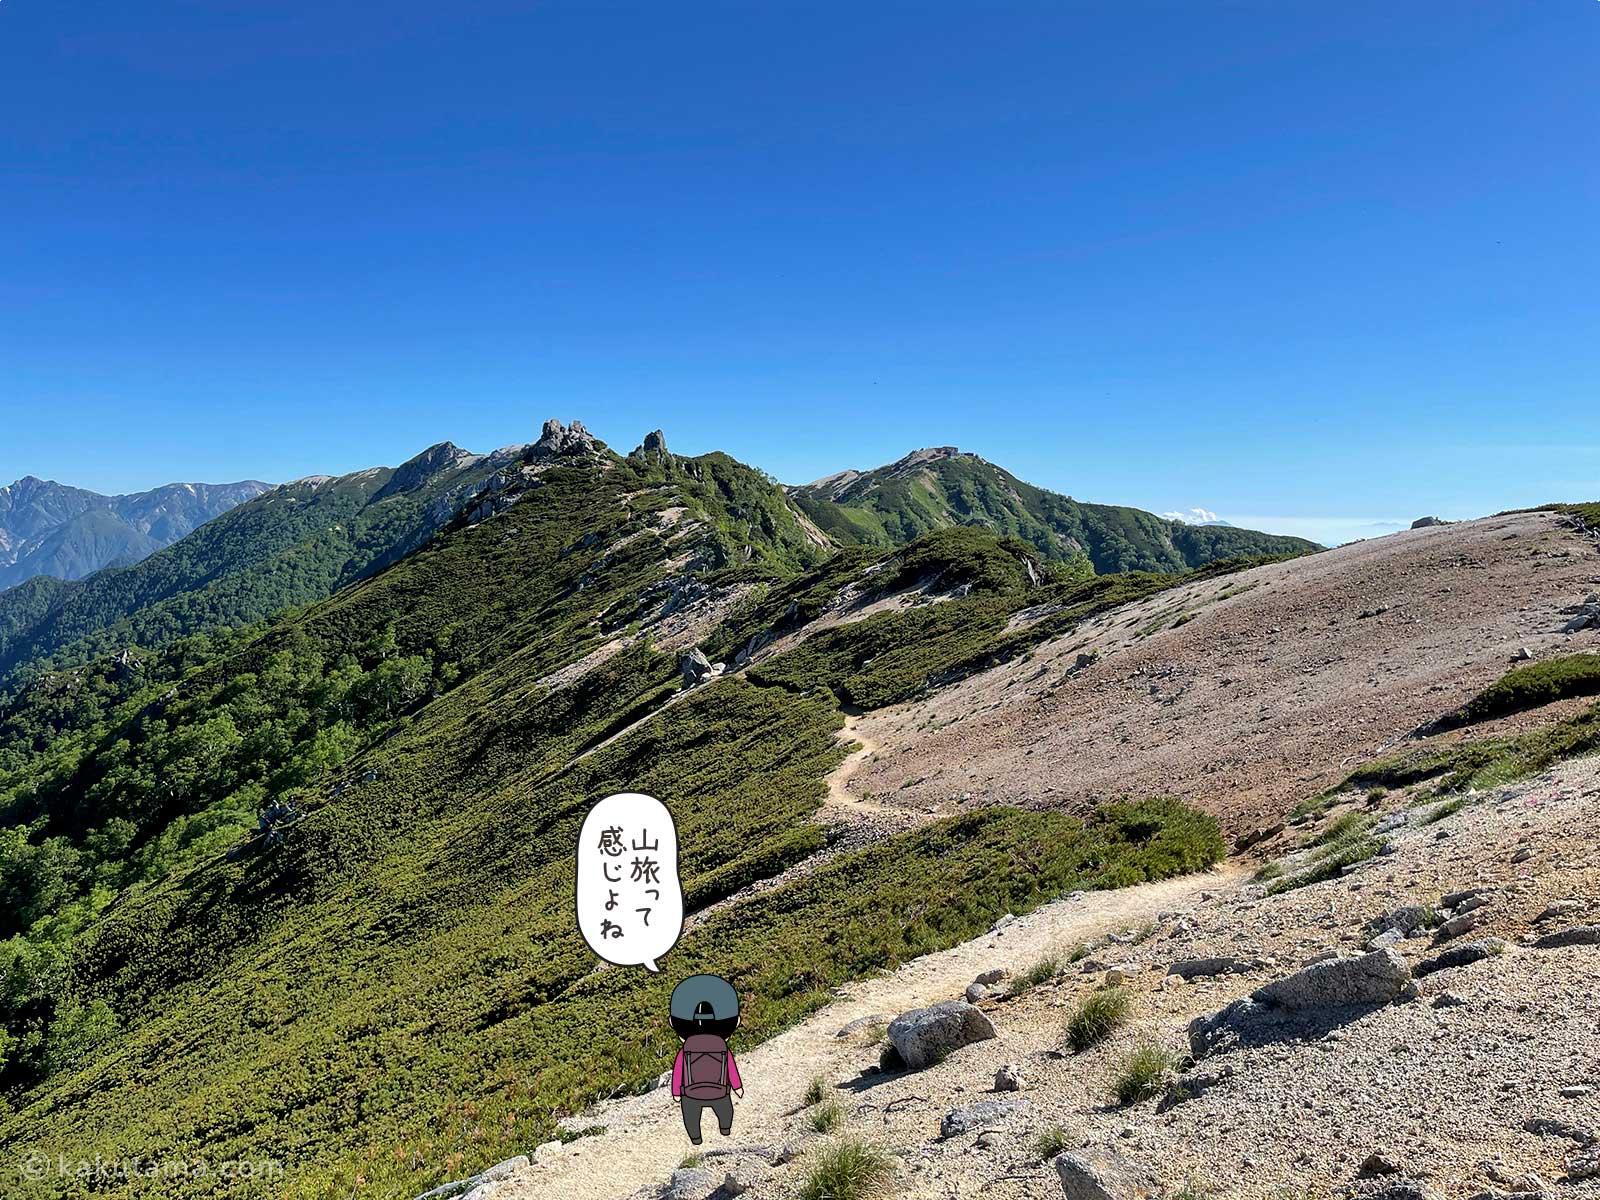 大下りの頭から燕山荘までの登山道を歩く3